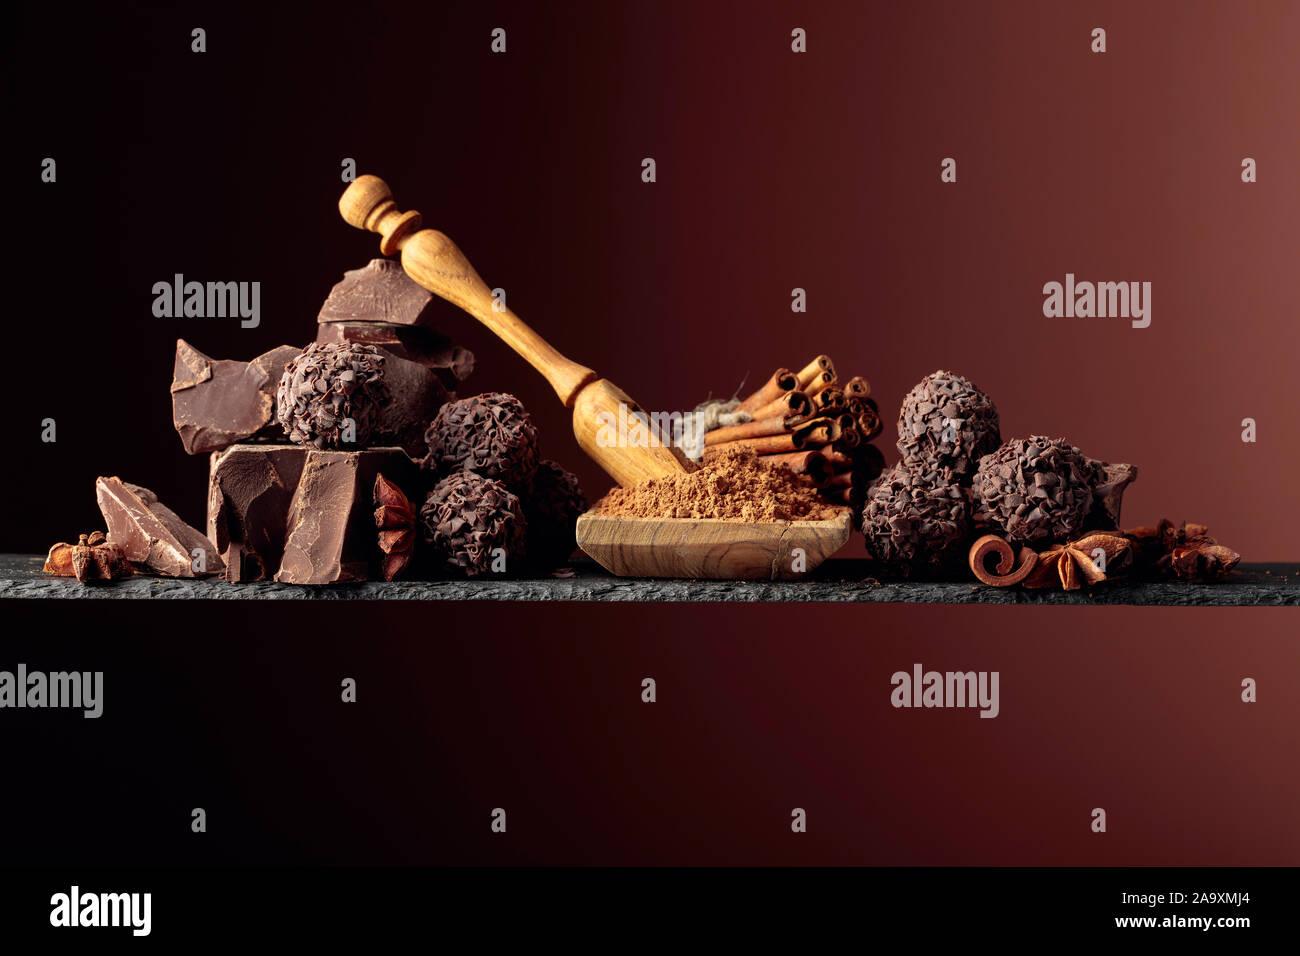 Trufas de chocolate con trozos de chocolate y especias. Chocolate, canela y anís sobre un fondo oscuro. Copie el espacio. Foto de stock